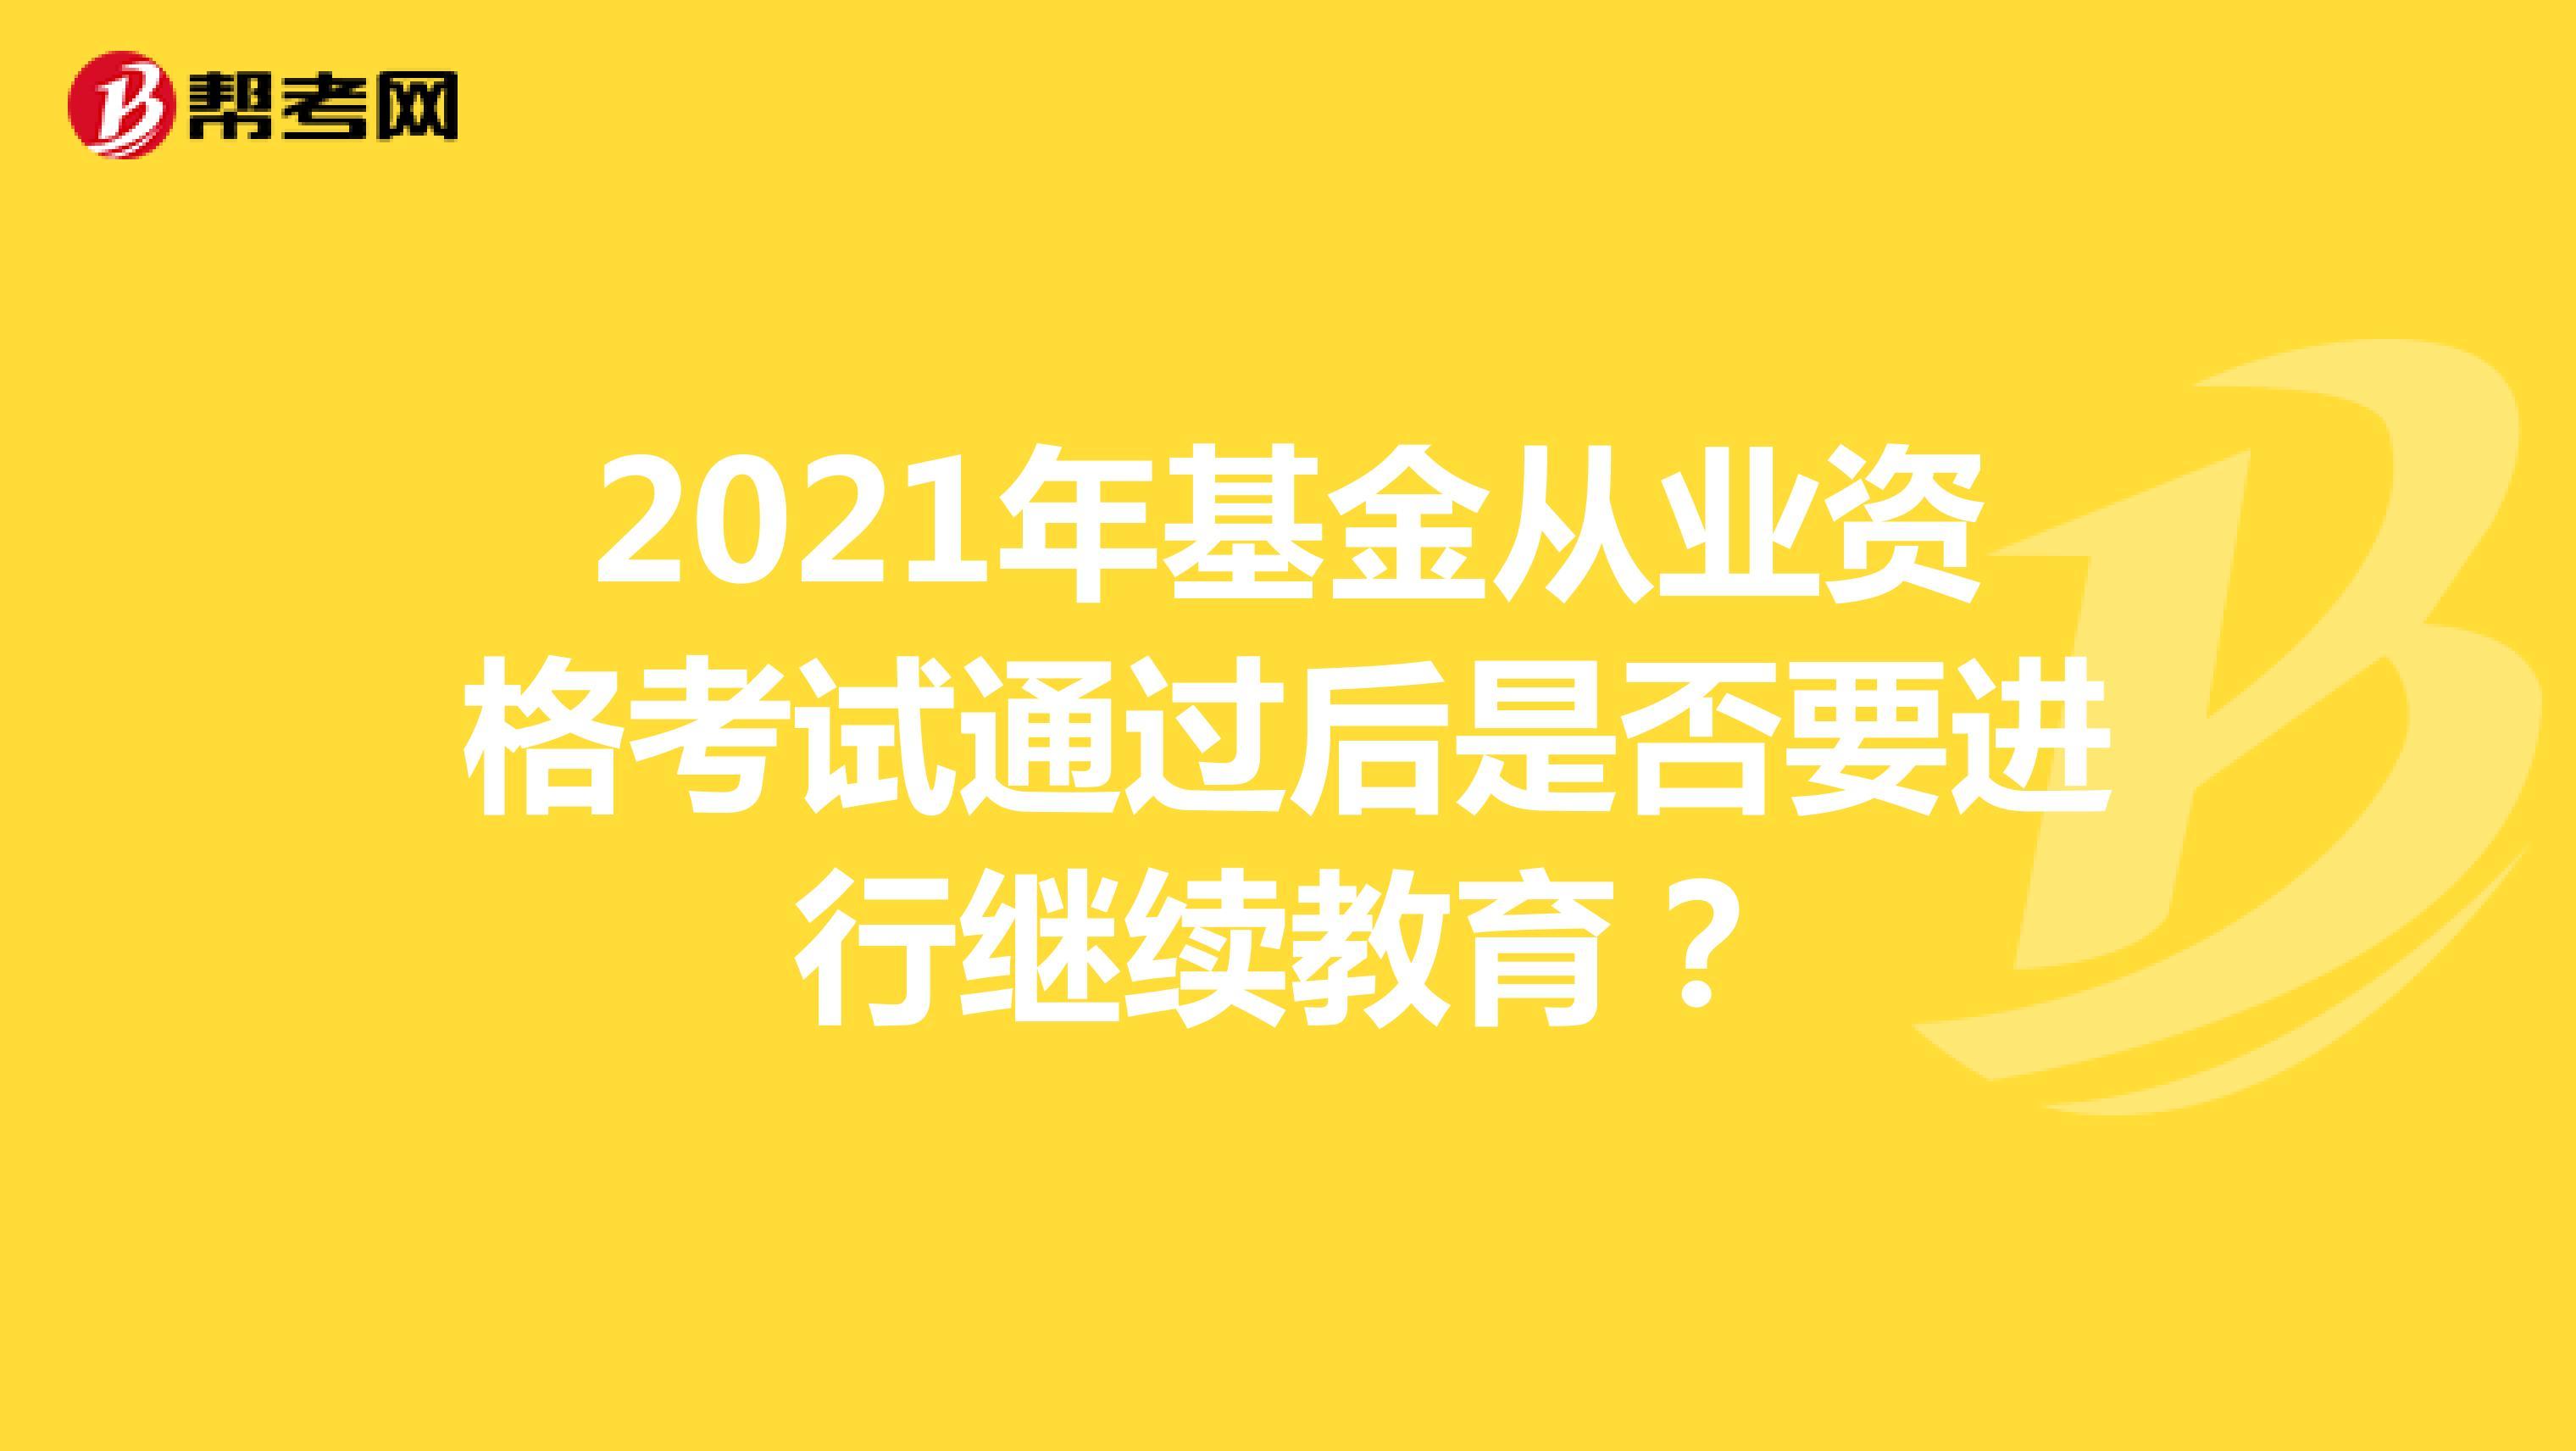 2021年基金从业资格考试通过后是否要进行继续教育?